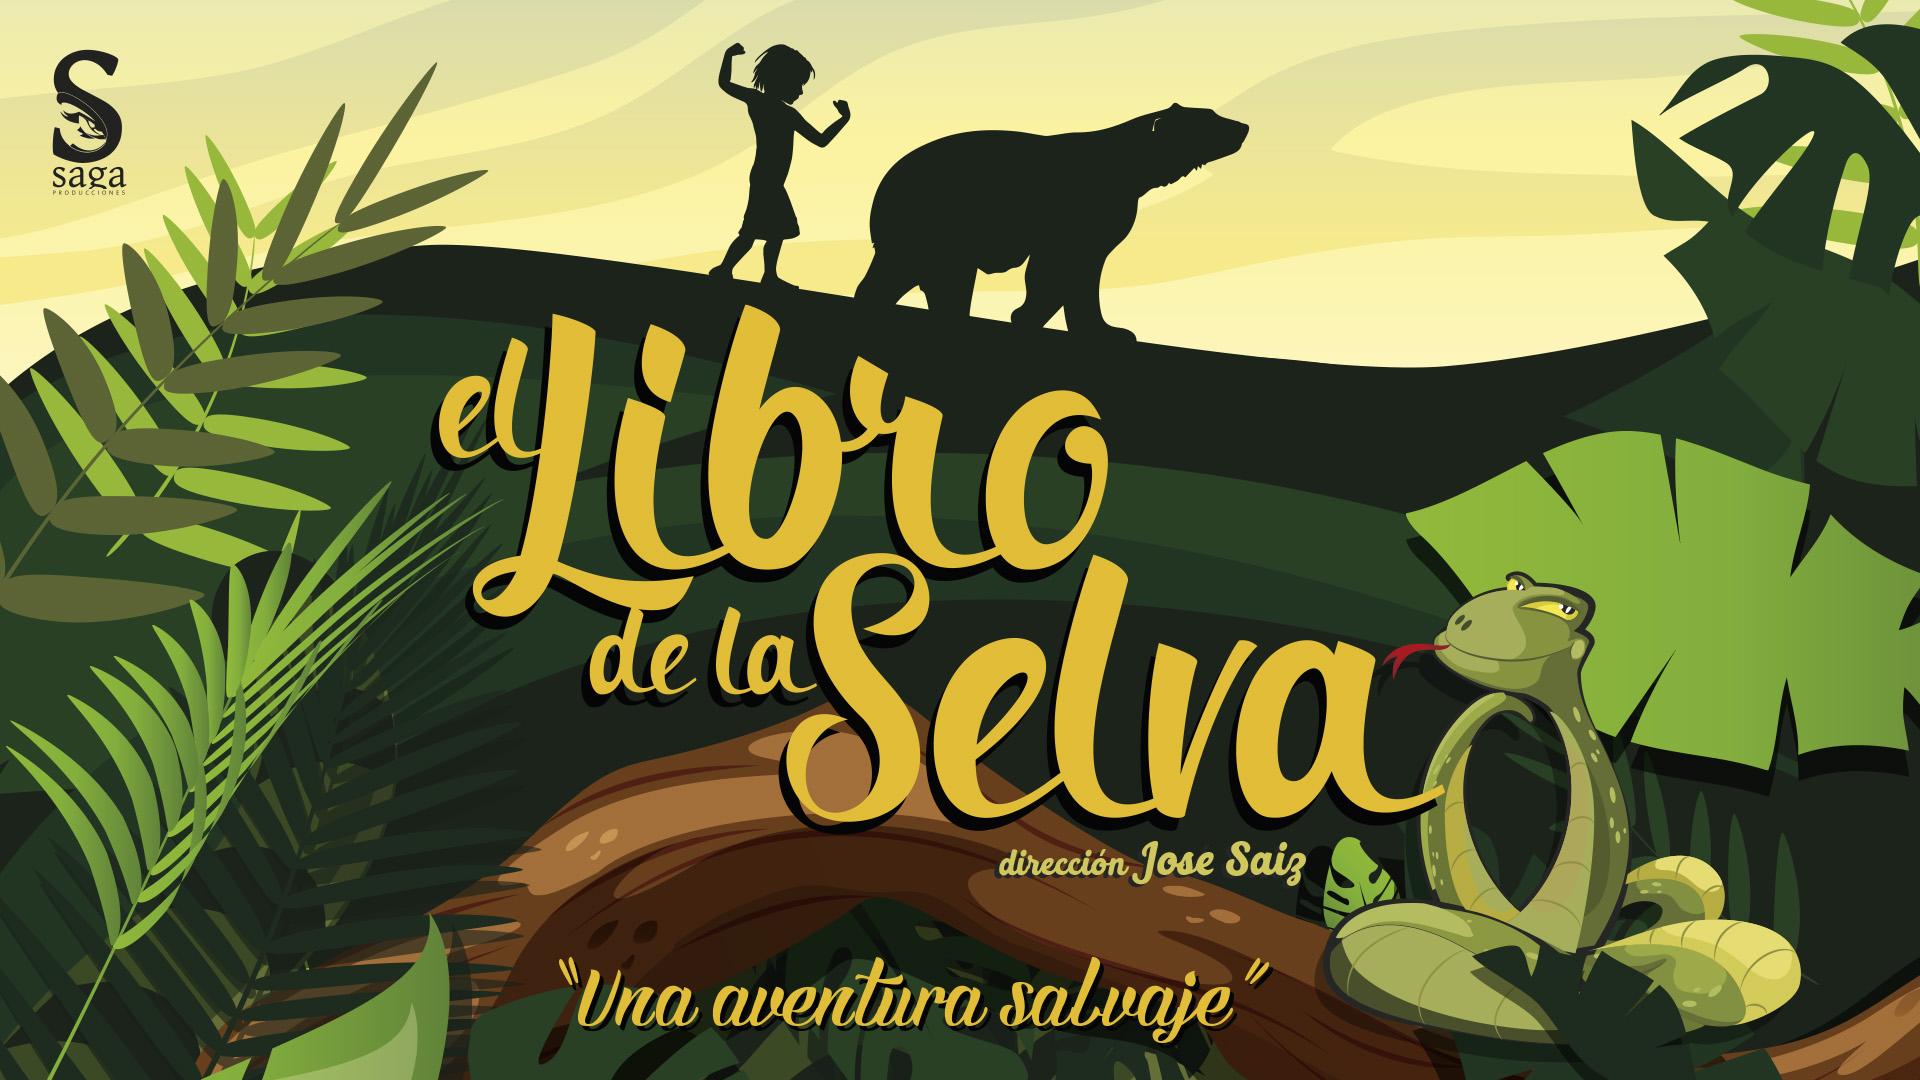 Imagen galeria EL LIBRO DE LA SELVA